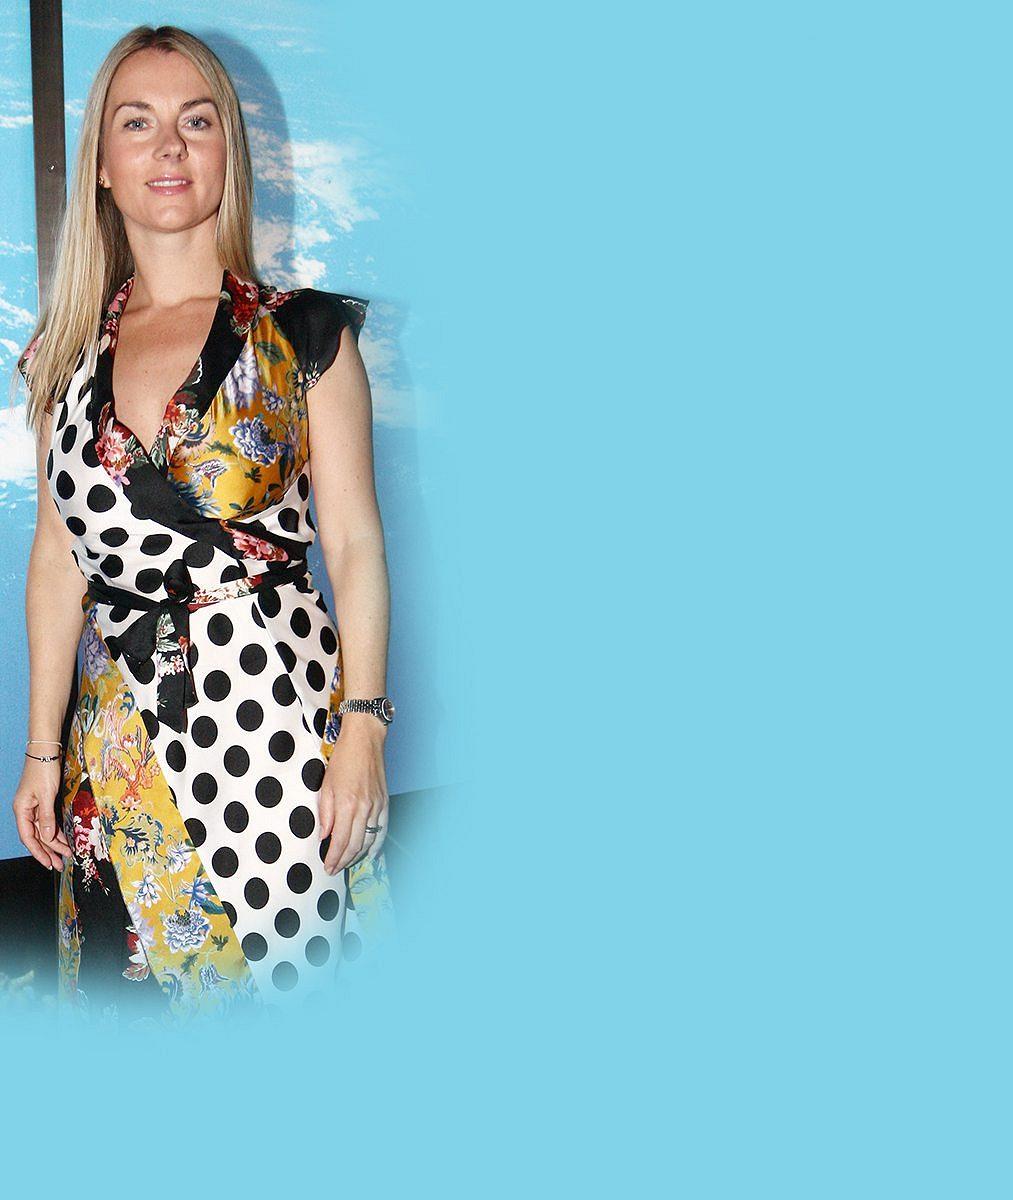 Tohle není její manžel: Karla Mráčková si vyšla do společnosti s vousáčem, se kterým ji pojí úzký vztah